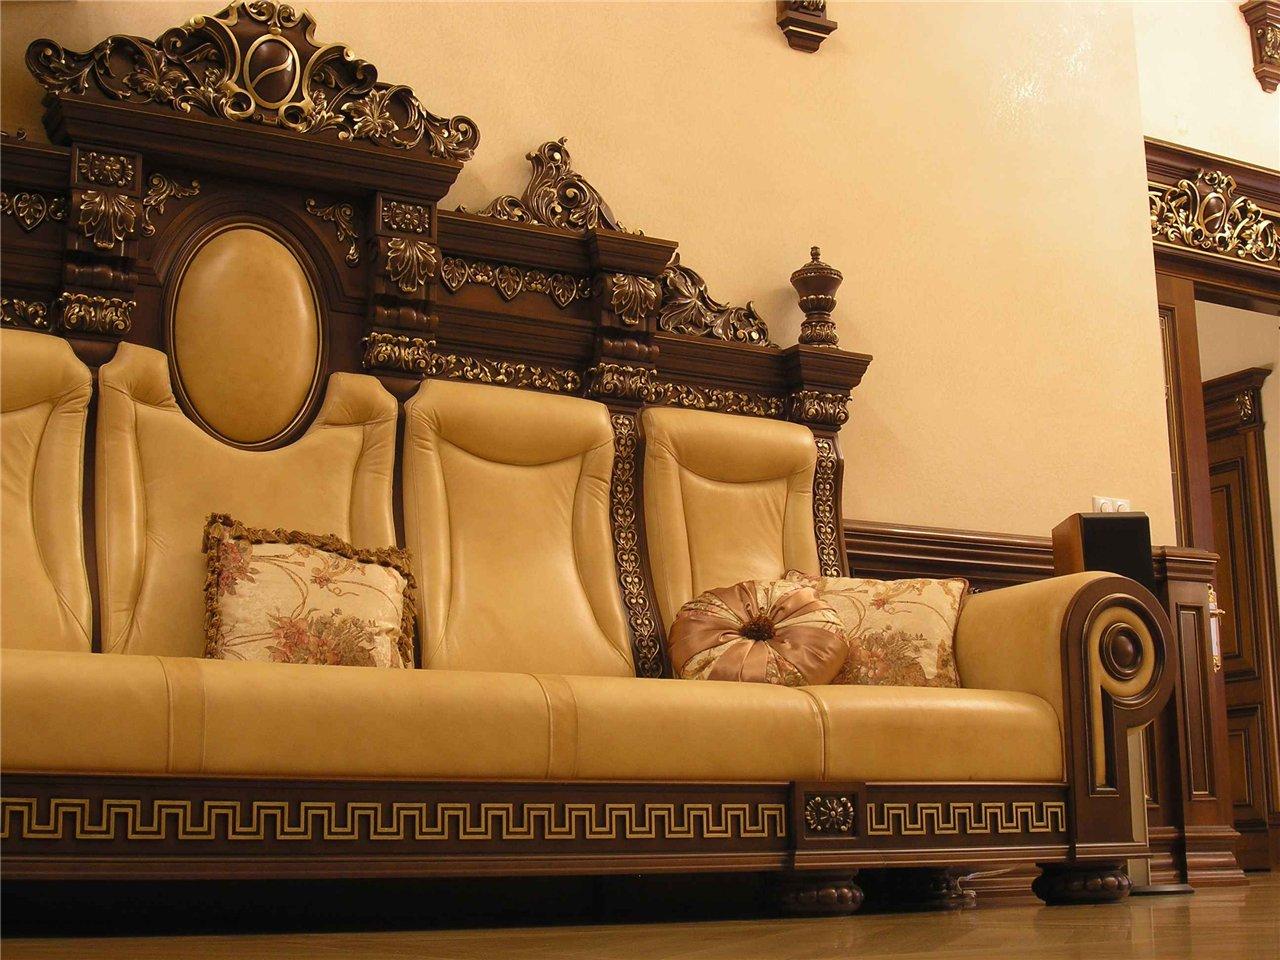 Гостиная в классическом стиле легко узнается по массивной дорогой мебели